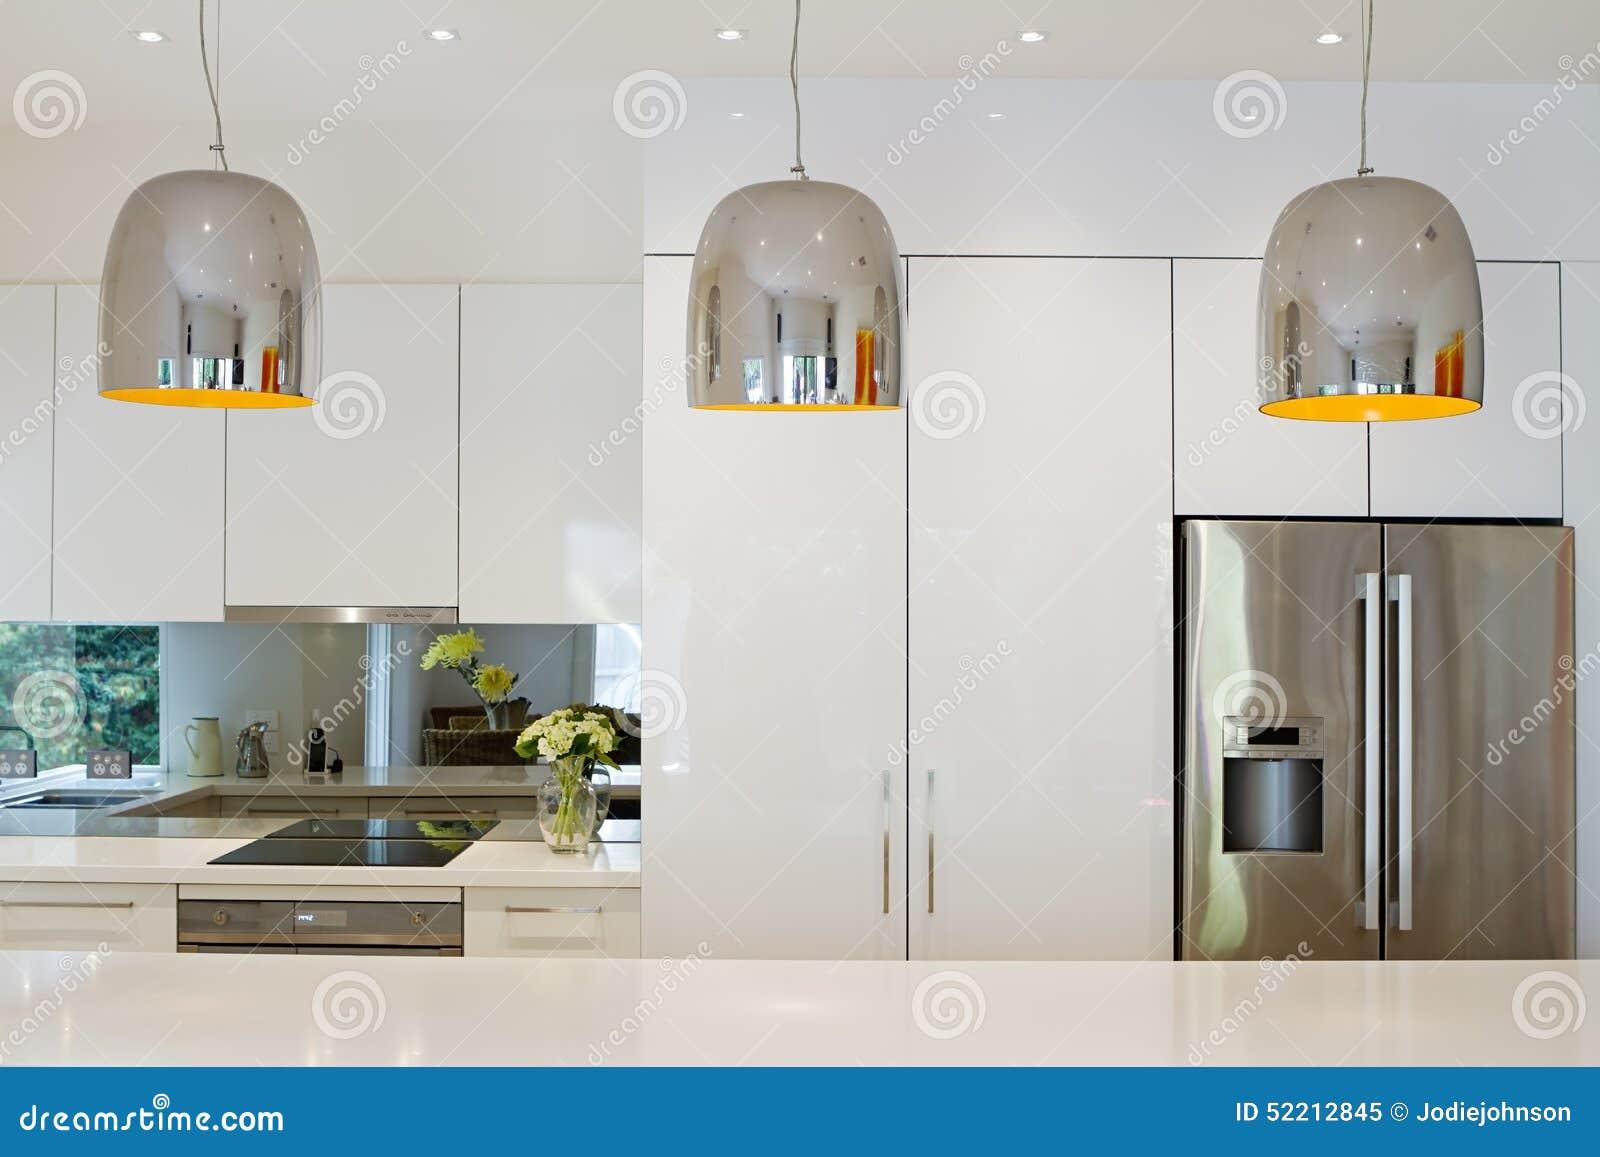 Pendant Lights Kitchen Island Luzes Contempor 226 Neas Do Pendente Que Penduram Sobre A Ilha